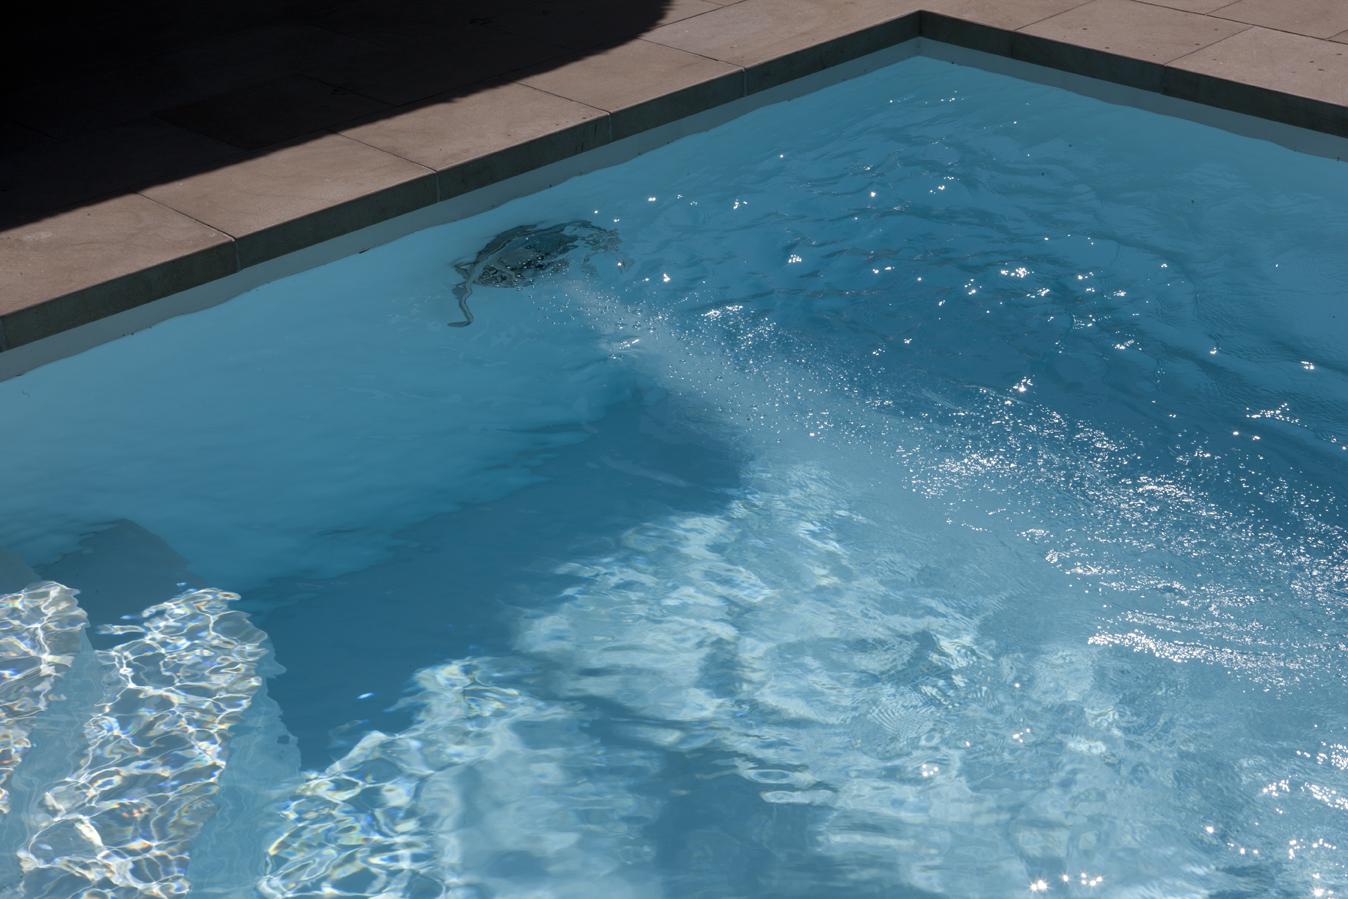 Luftbläschen in einem Pool in Essen